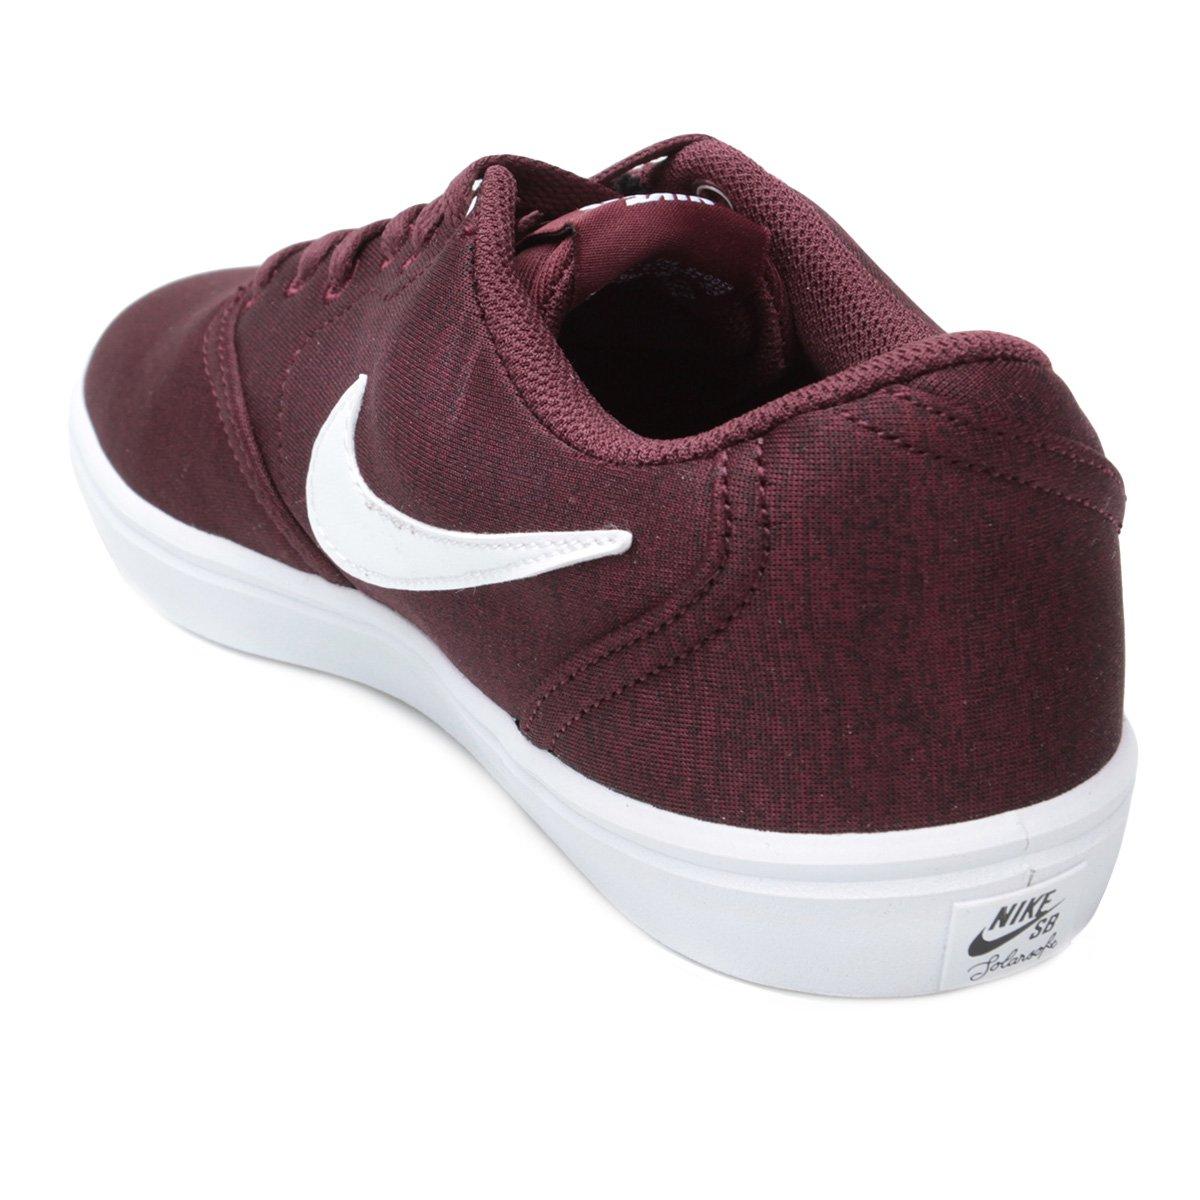 Tênis Nike Sb Check Solar Cnvs Prm Masculino - Vinho - Compre Agora ... b8a1f980c22e1